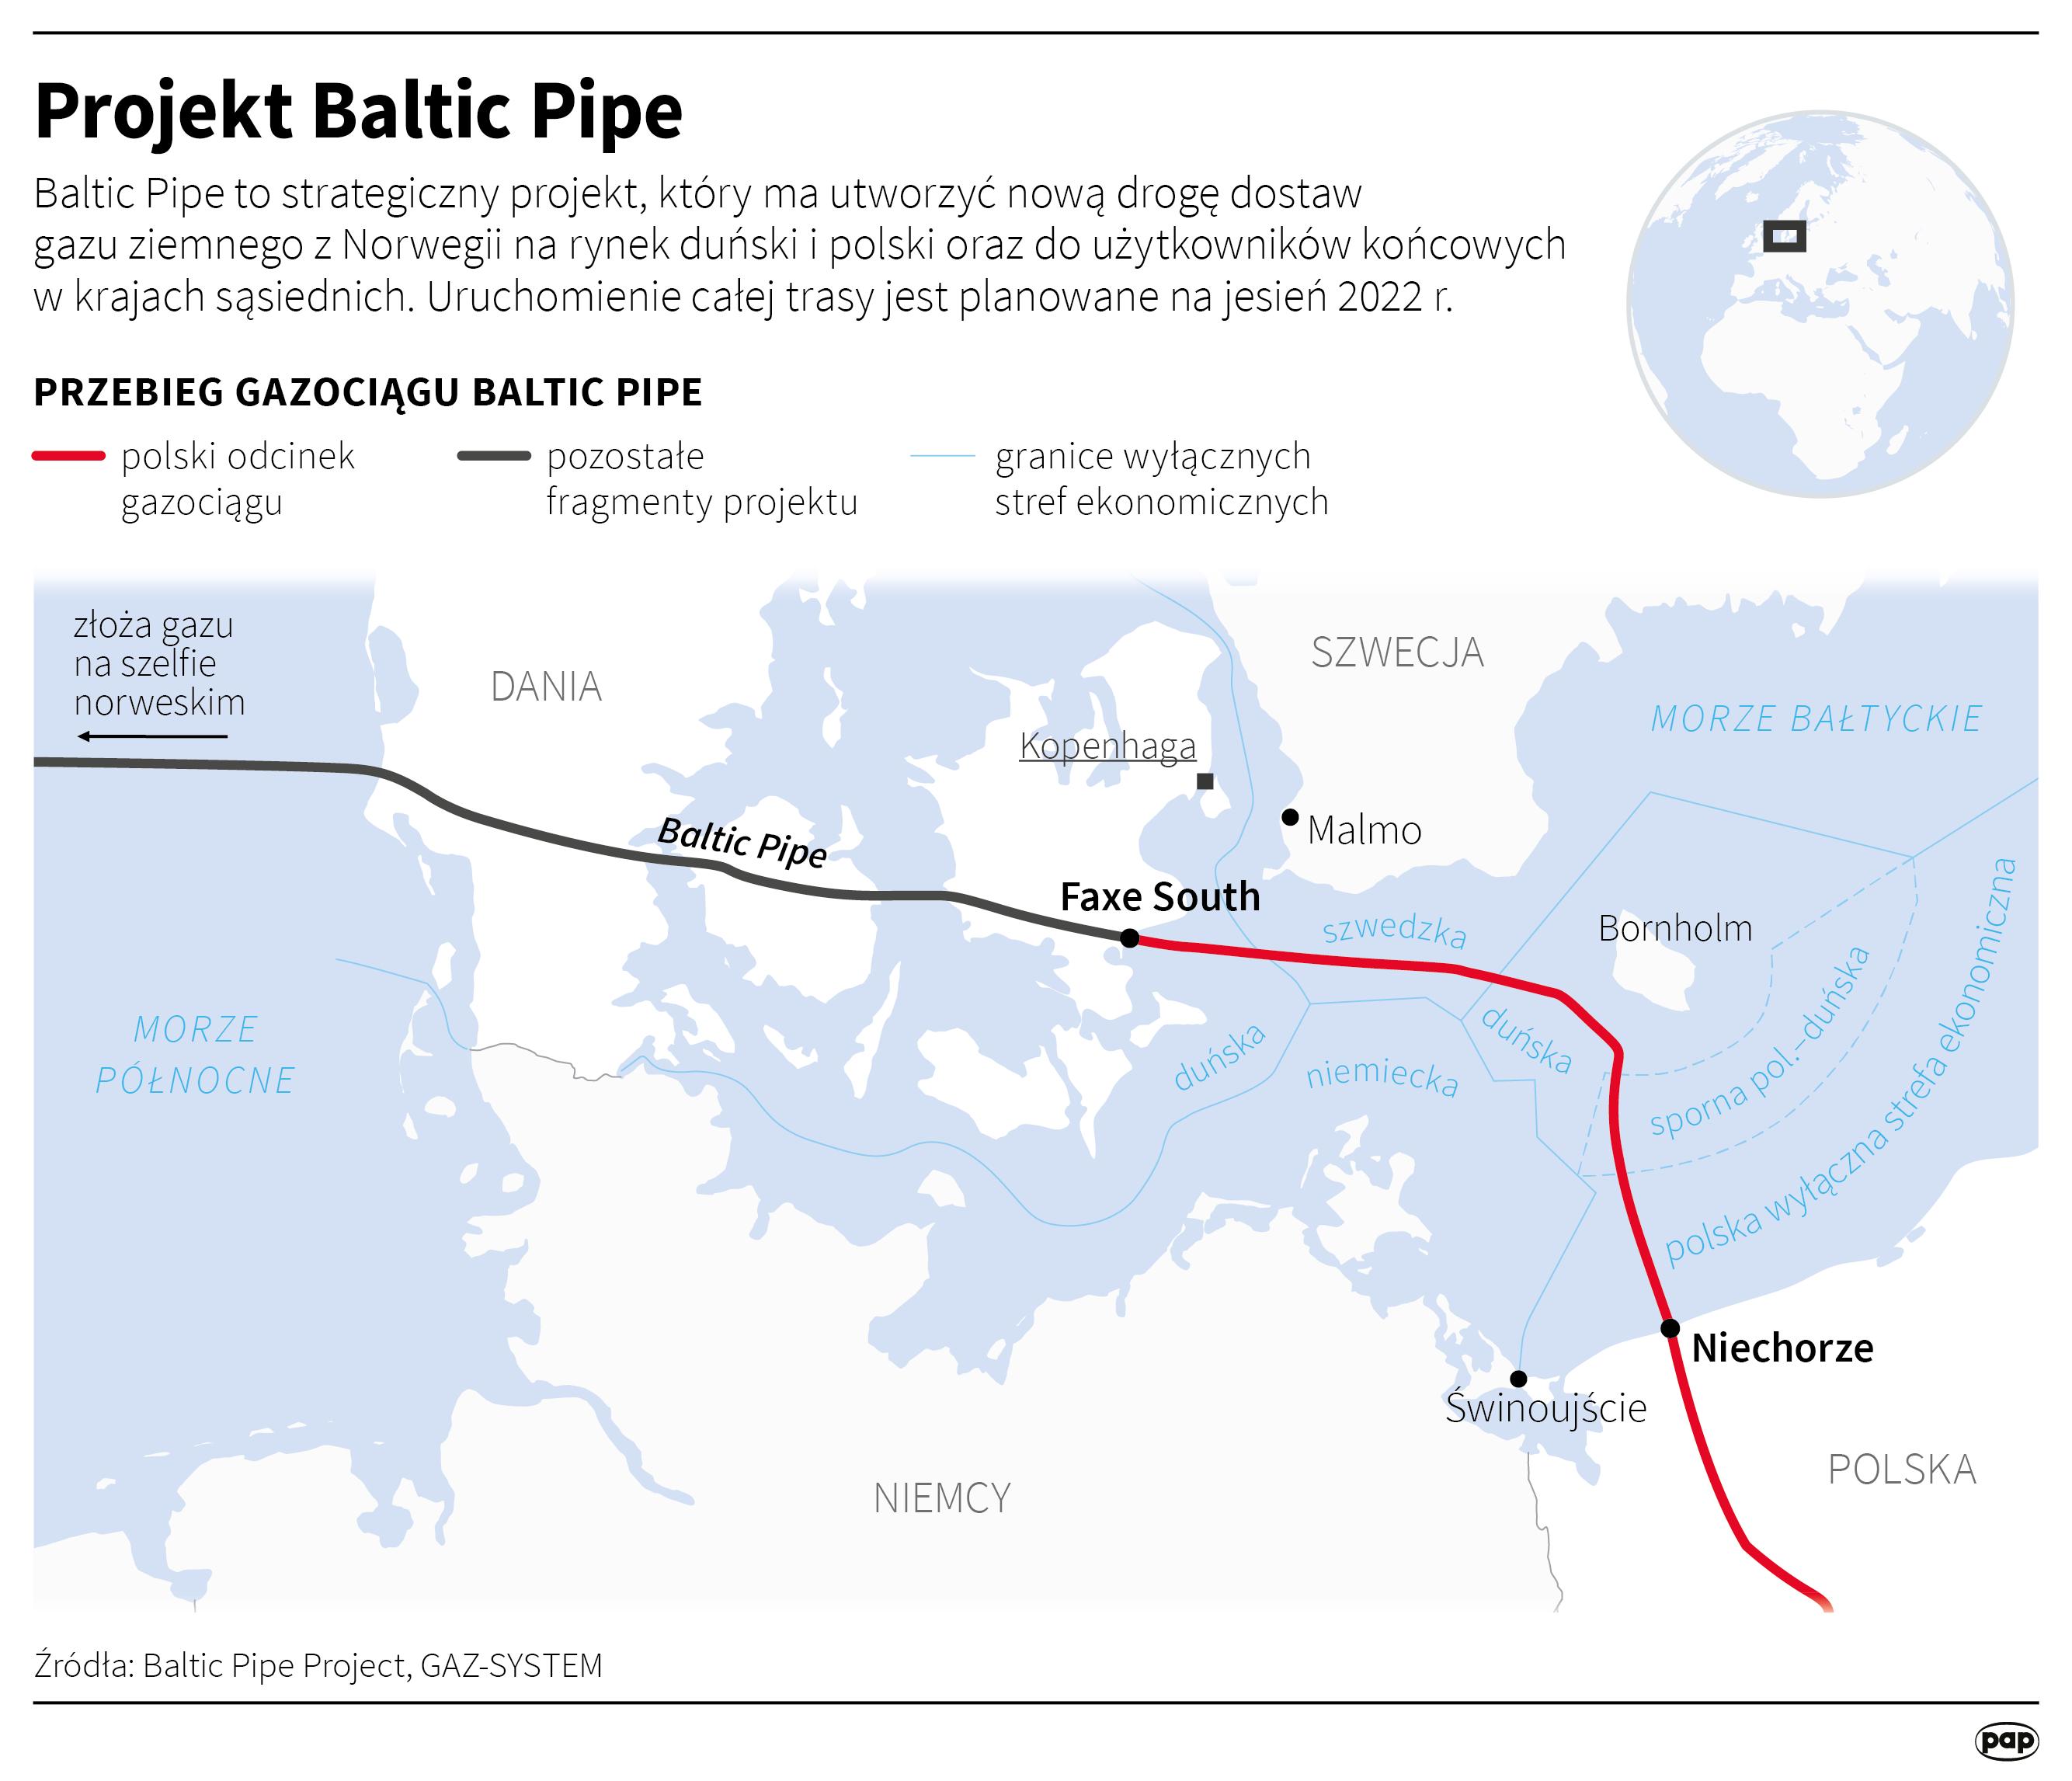 Baltic Pipe to strategiczny projekt, który ma utworzyć nową drogę dostaw gazu ziemnego z Norwegii na rynki duński i polski oraz do użytkowników końcowych w krajach sąsiednich. Gazociąg będzie mógł przesyłać 10 mld m sześc. gazu ziemnego rocznie do Polski oraz 3 mld m sześc. z Polski do Danii. Inwestorami są operatorzy przesyłowi: duński Energinet i